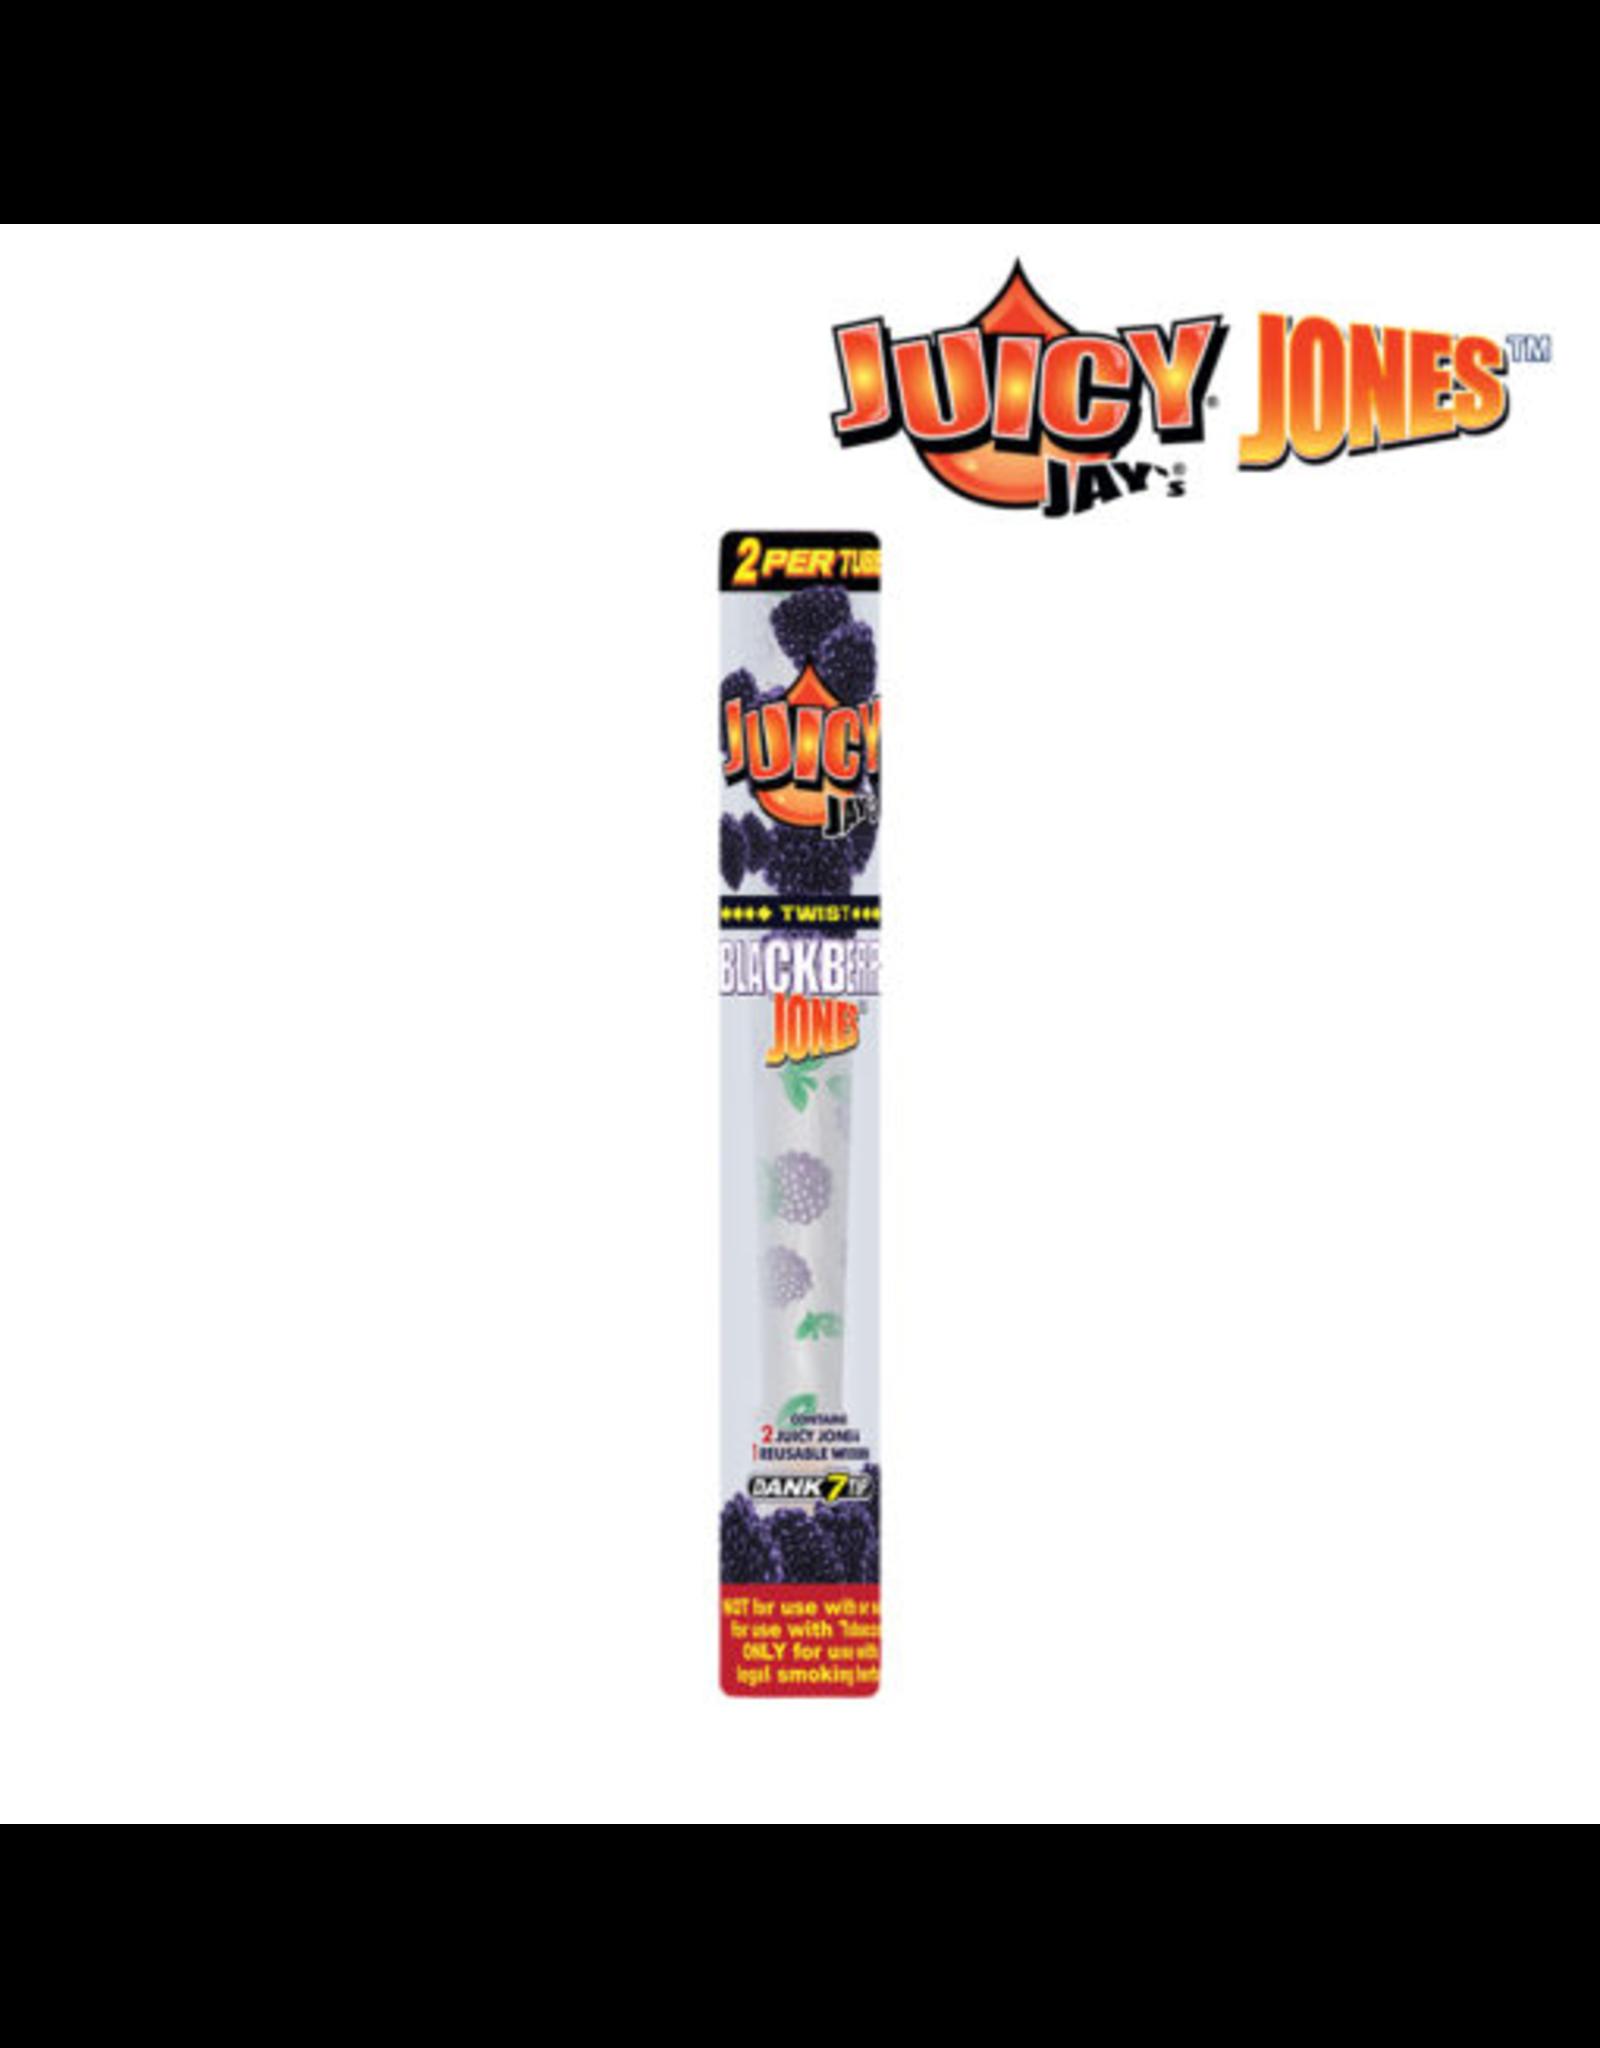 Juicy - Blackberry Jones - Paper Cones